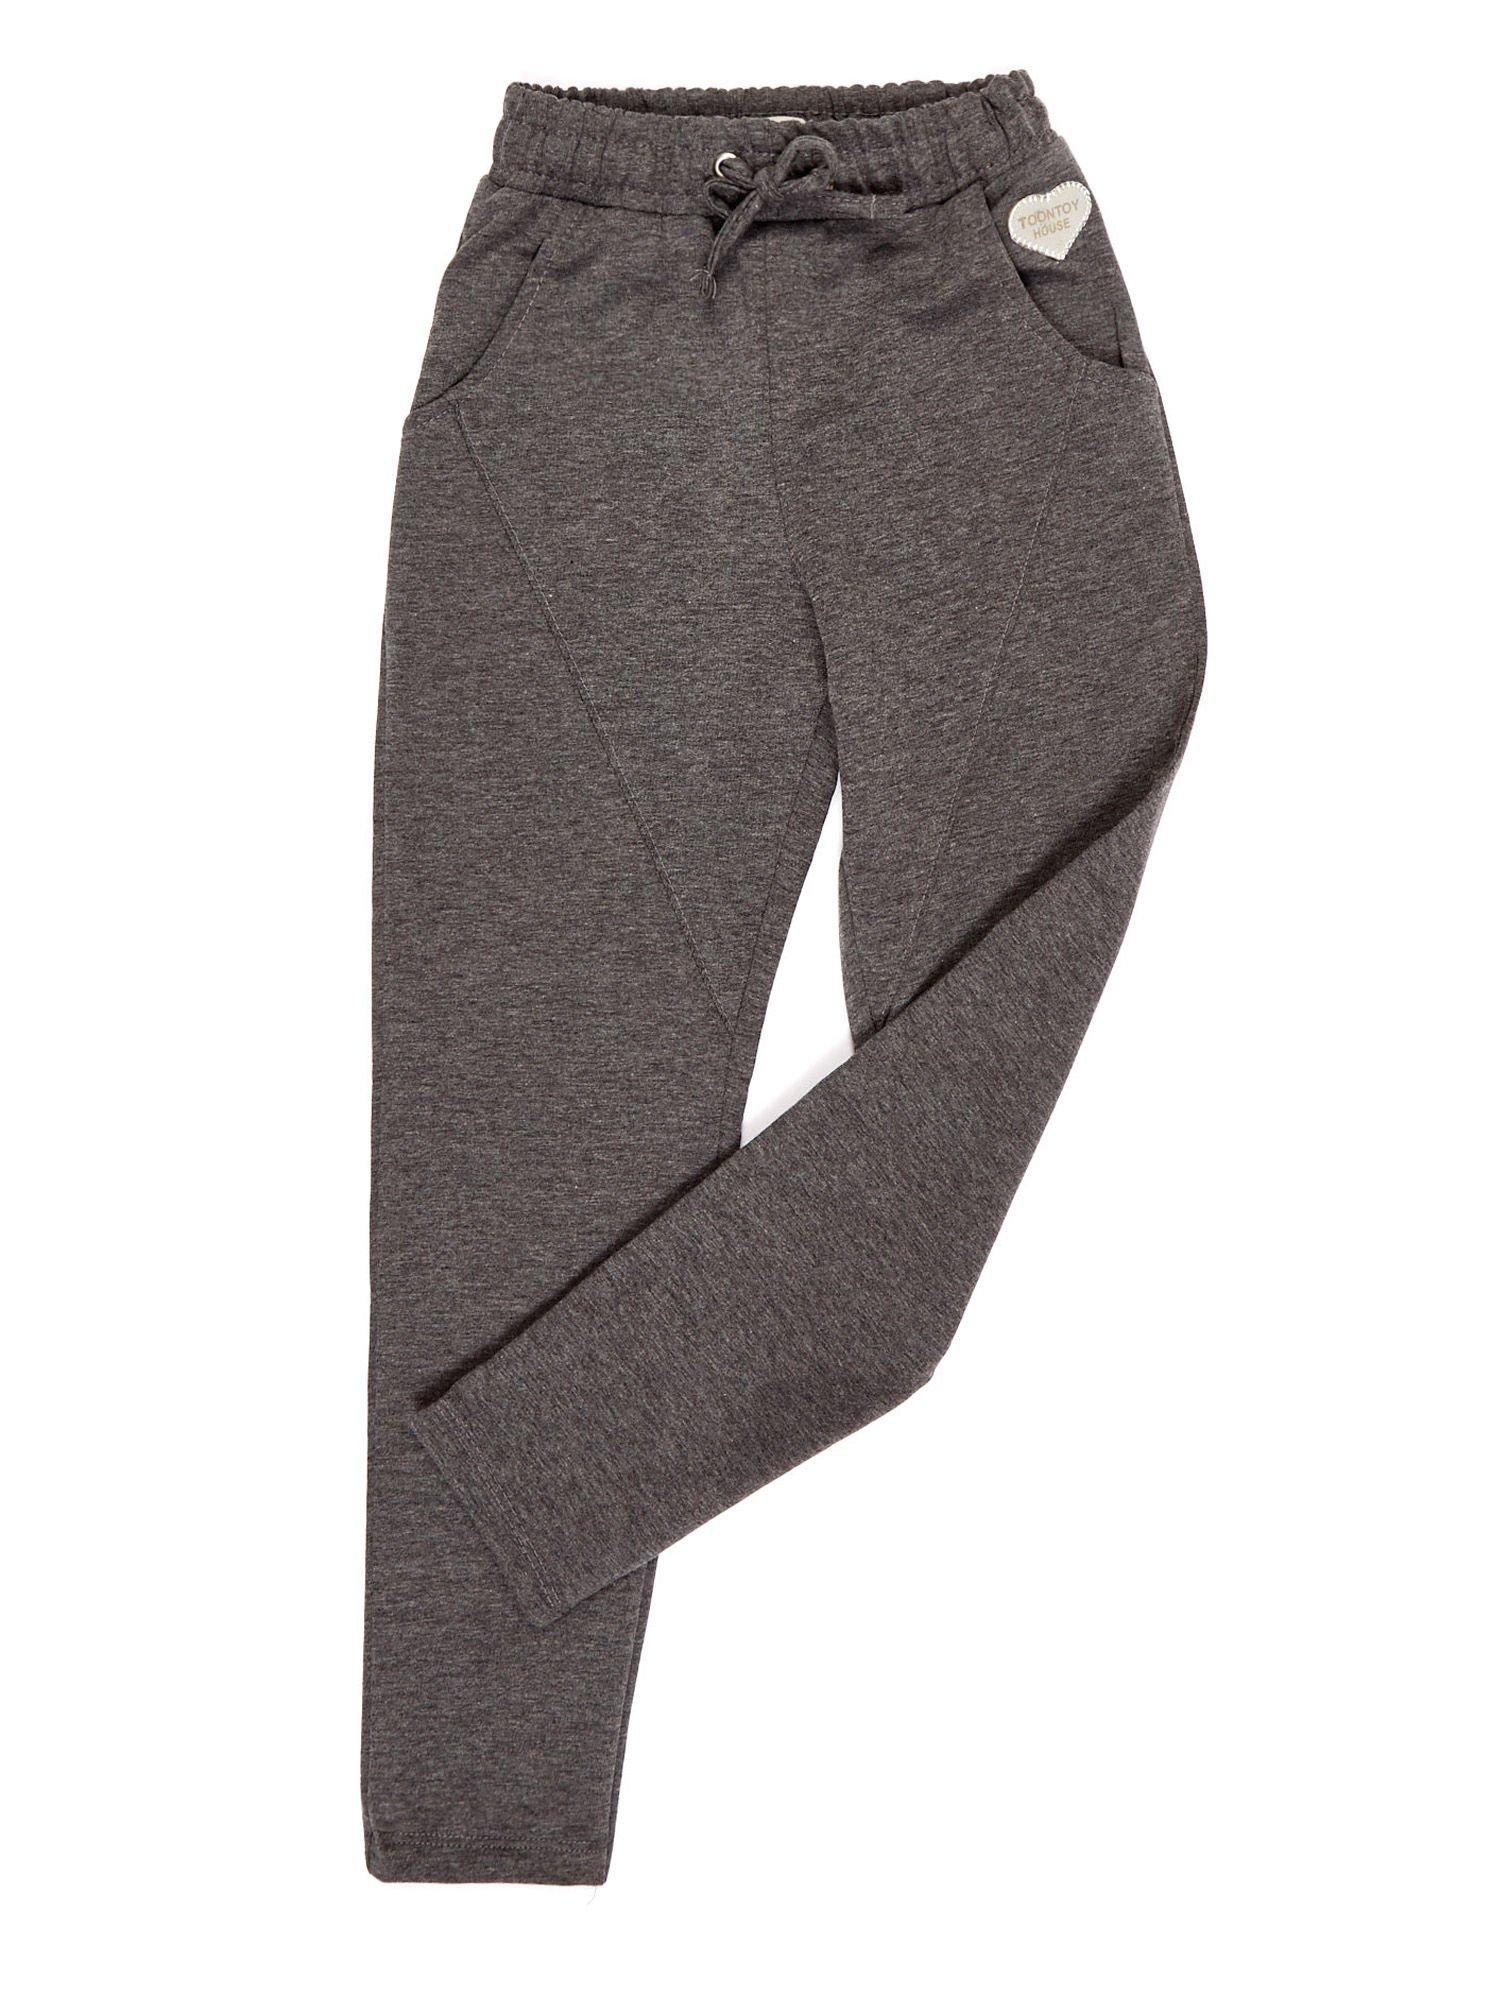 d247c5f5b Ciemnoszare spodnie dresowe dla dziewczynki - Dziecko Dziewczynka - sklep  eButik.pl